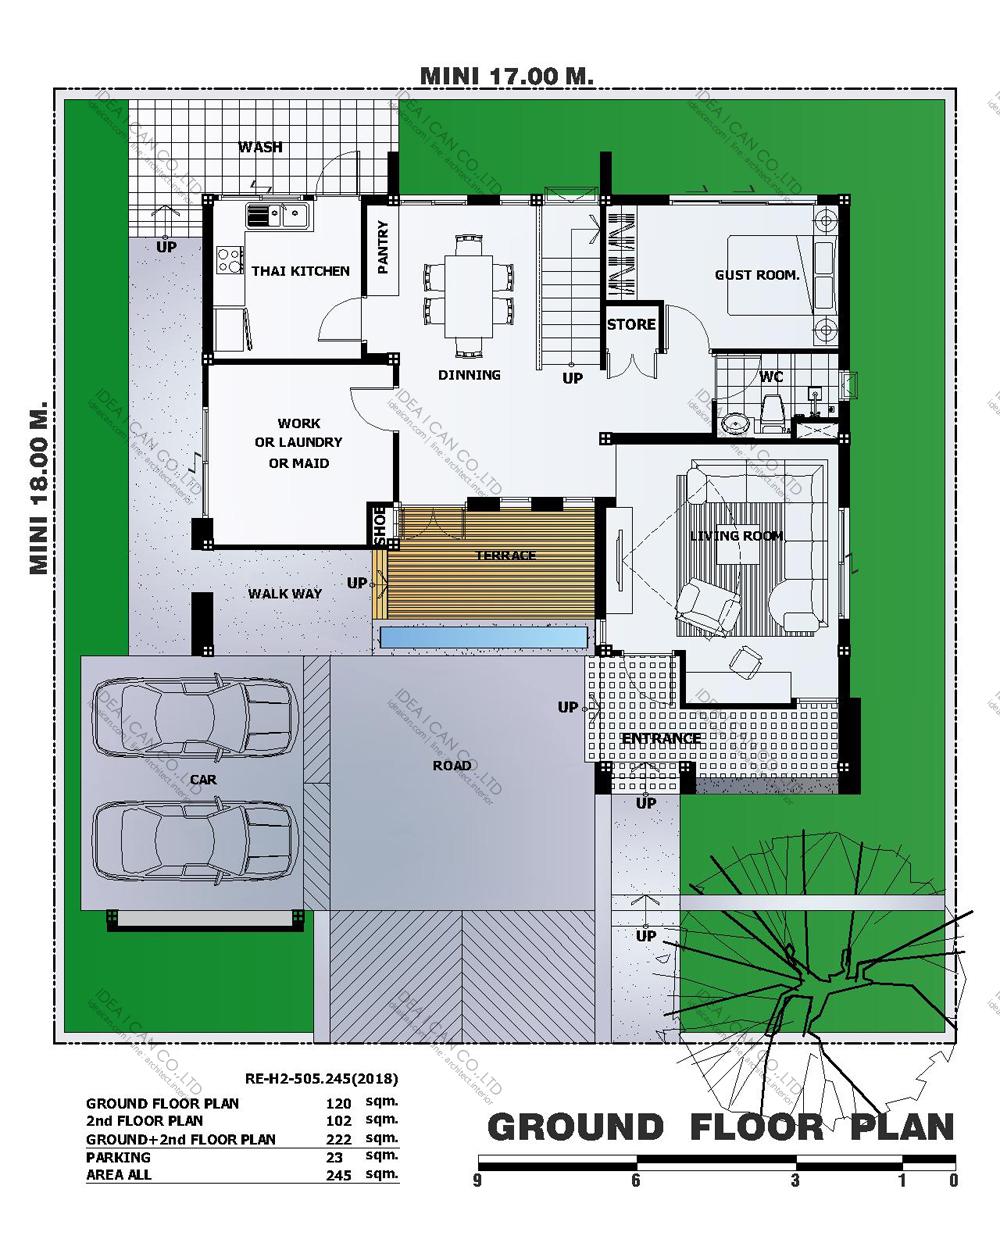 แบบบ้านสองชั้นสไตล์รีสอร์ท, แบบบ้าน 2 ชั้น, แบบบ้าน 4 ห้องนอน, ห้องน้ำสไตล์รีสอรท, พื้นที่ใช้สอย 245 ตร.ม., RE-H2-505.245(2018), แบบบ้านสไตล์รีสอร์ท , รับเหมาก่อสร้าง, รับสร้างบ้าน, รับสร้างบ้านสองชั้น